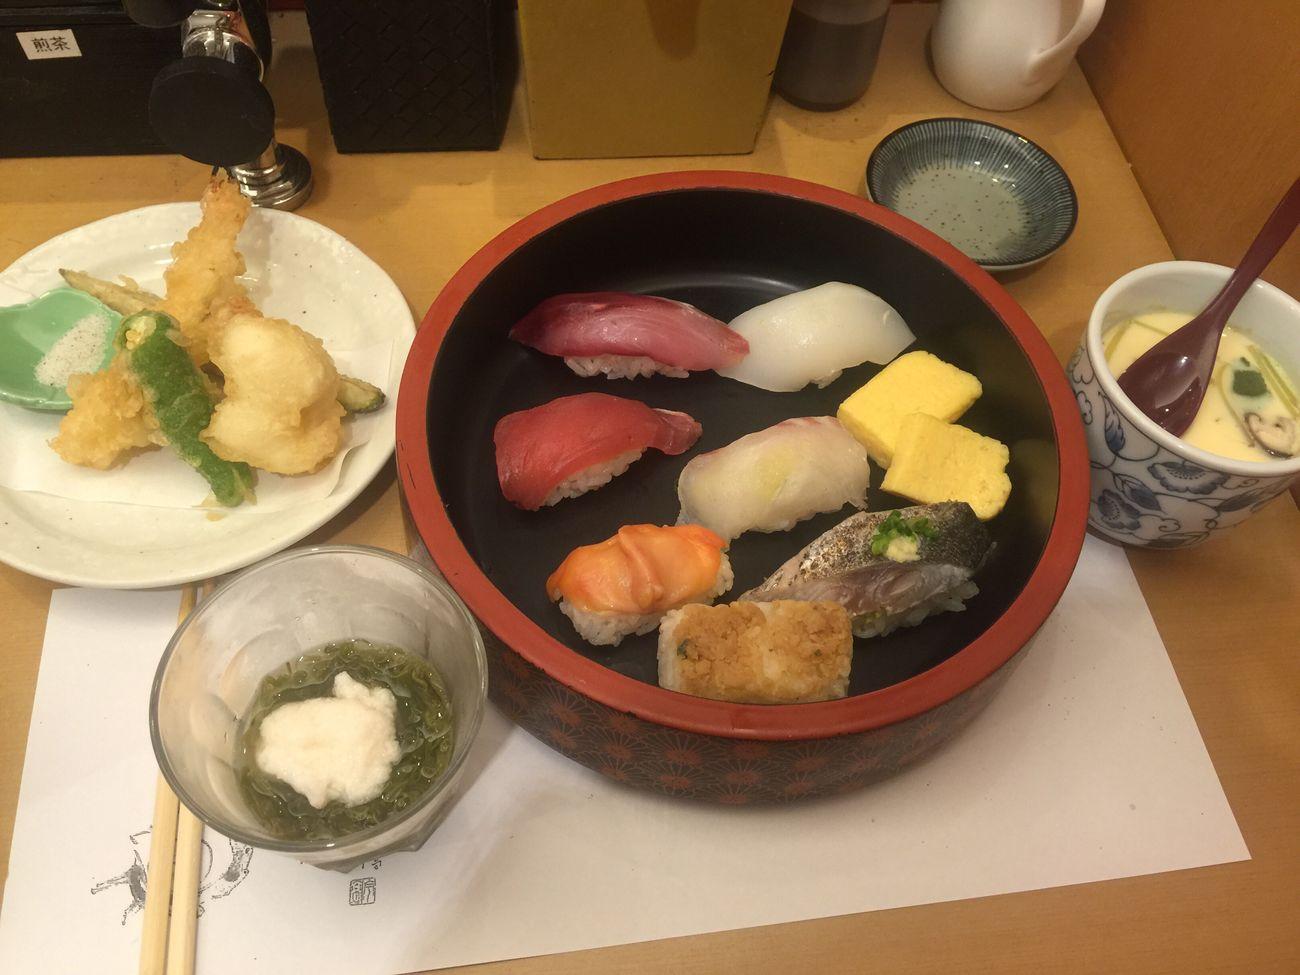 อาหารกลางวัน 午餐 Lunch Japanese Food Yummy Delicious Sushi Tenpura In My Mouf Food Porn